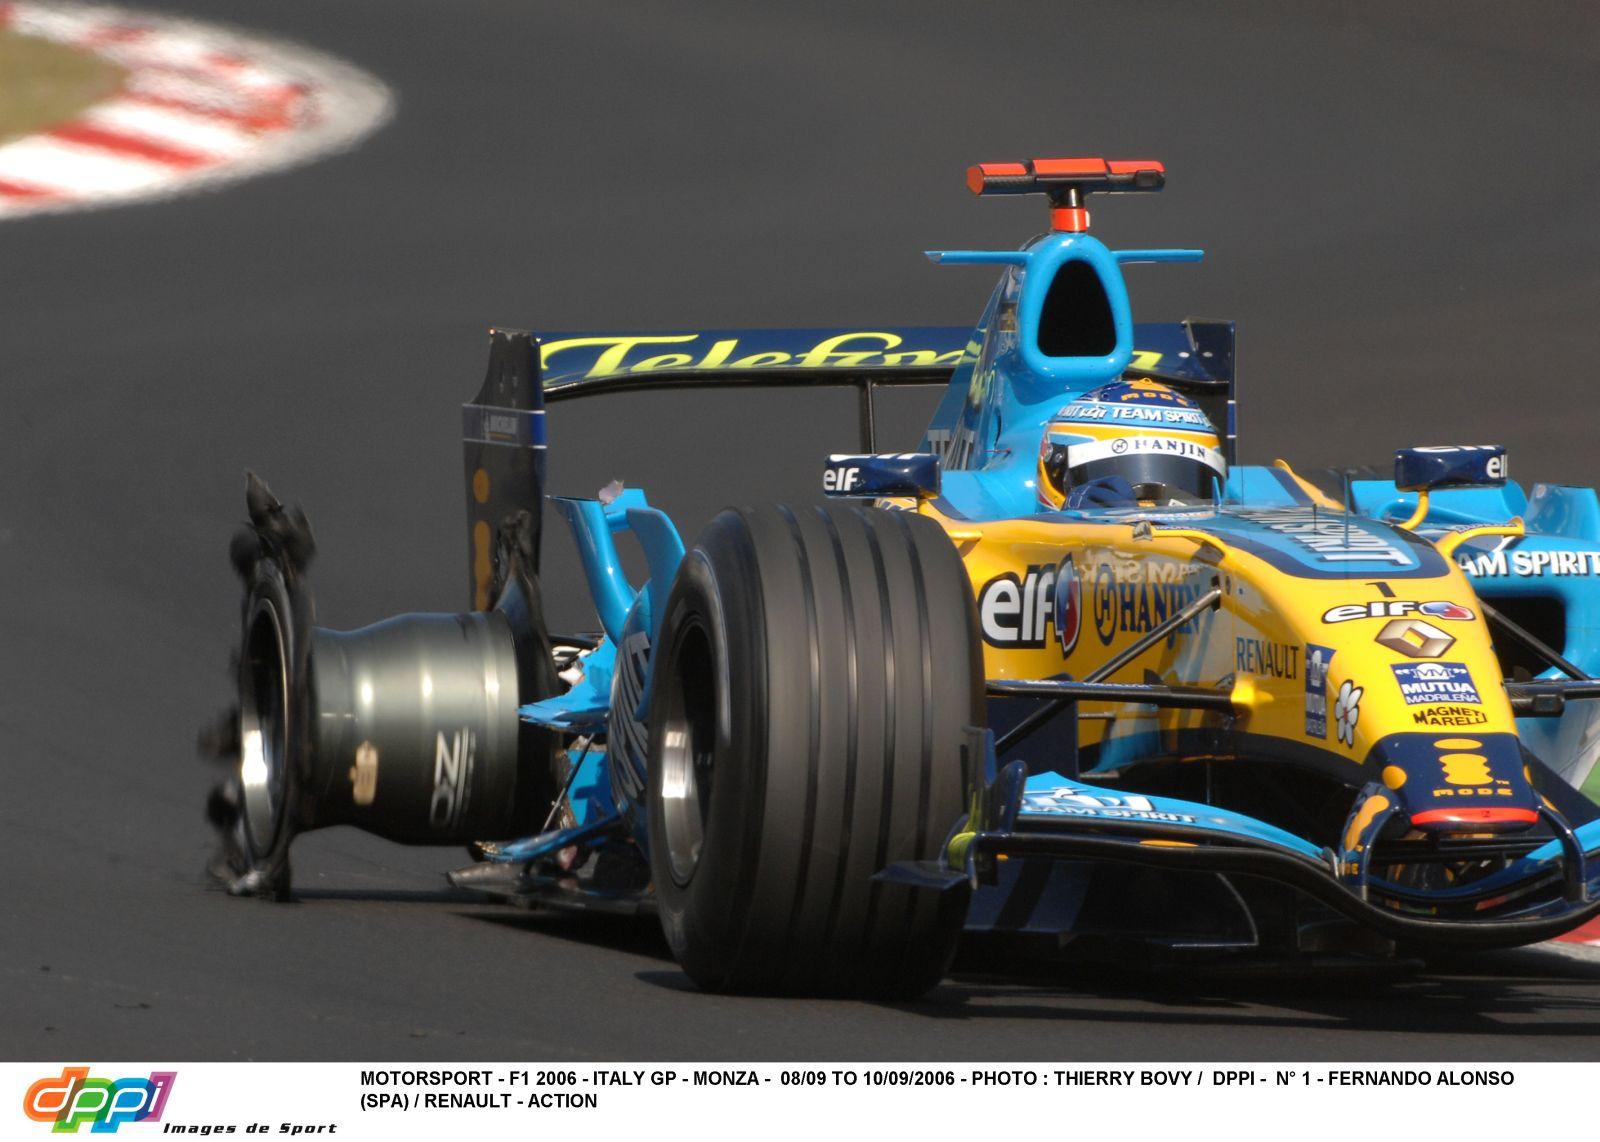 Alonso szerint egy dolog kéne az F1-nek: újra legyen gumiháború!